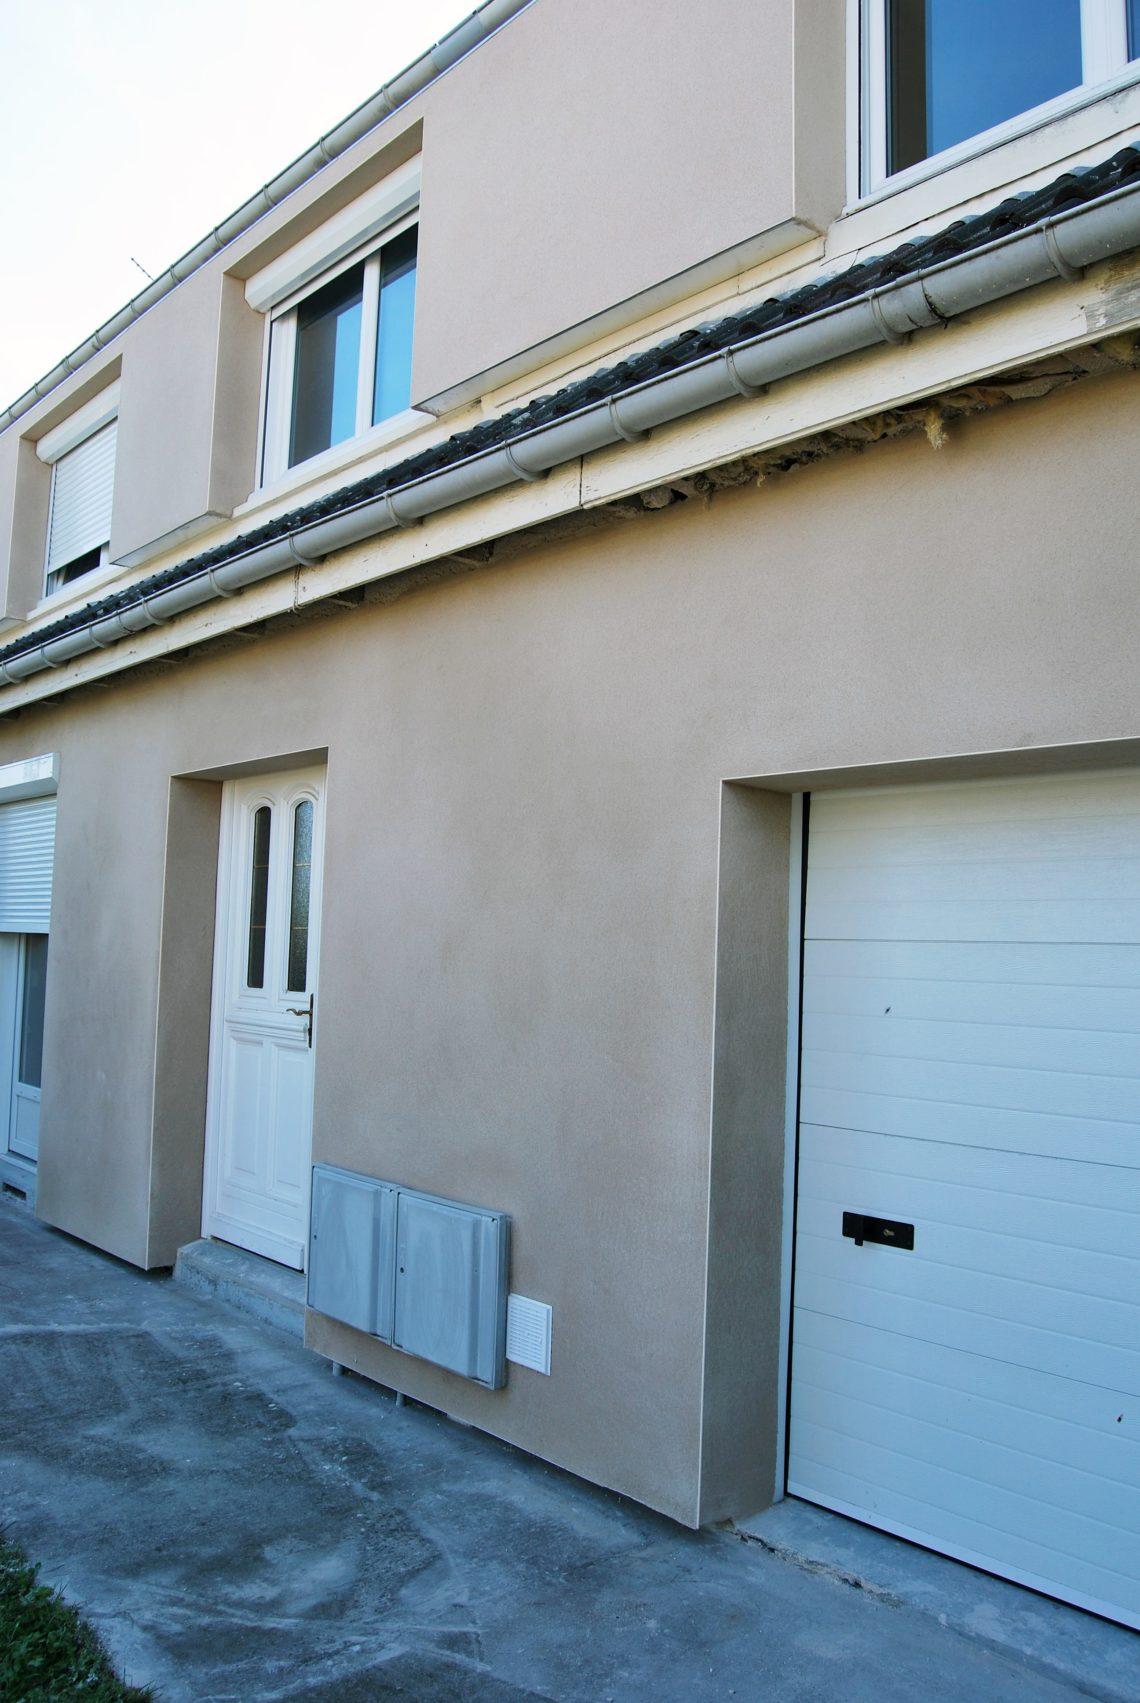 Urbel-isolation-murs-exterieurs-Douai-5-1140x1703.jpg